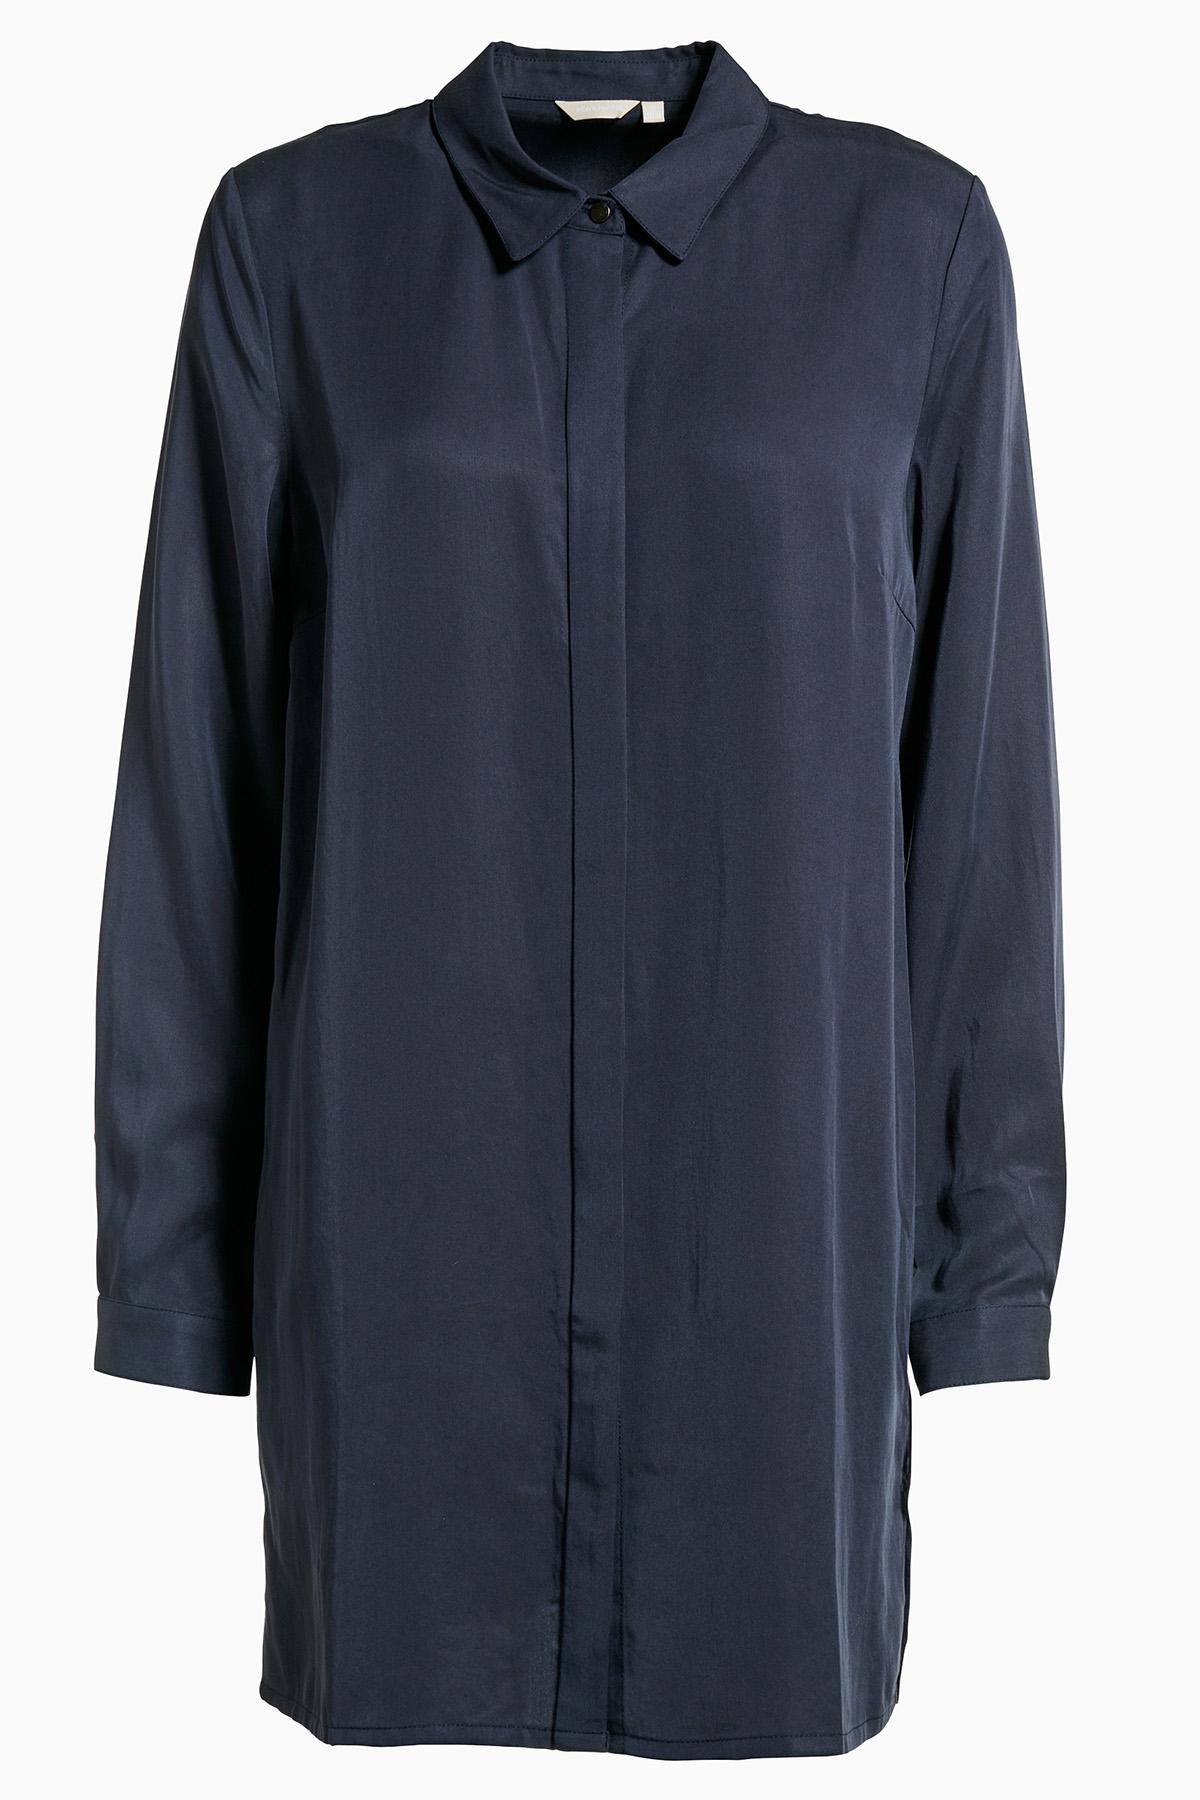 Mörkblå Tunika från Bon'A Parte – Köp Mörkblå Tunika från stl. S-3XL här